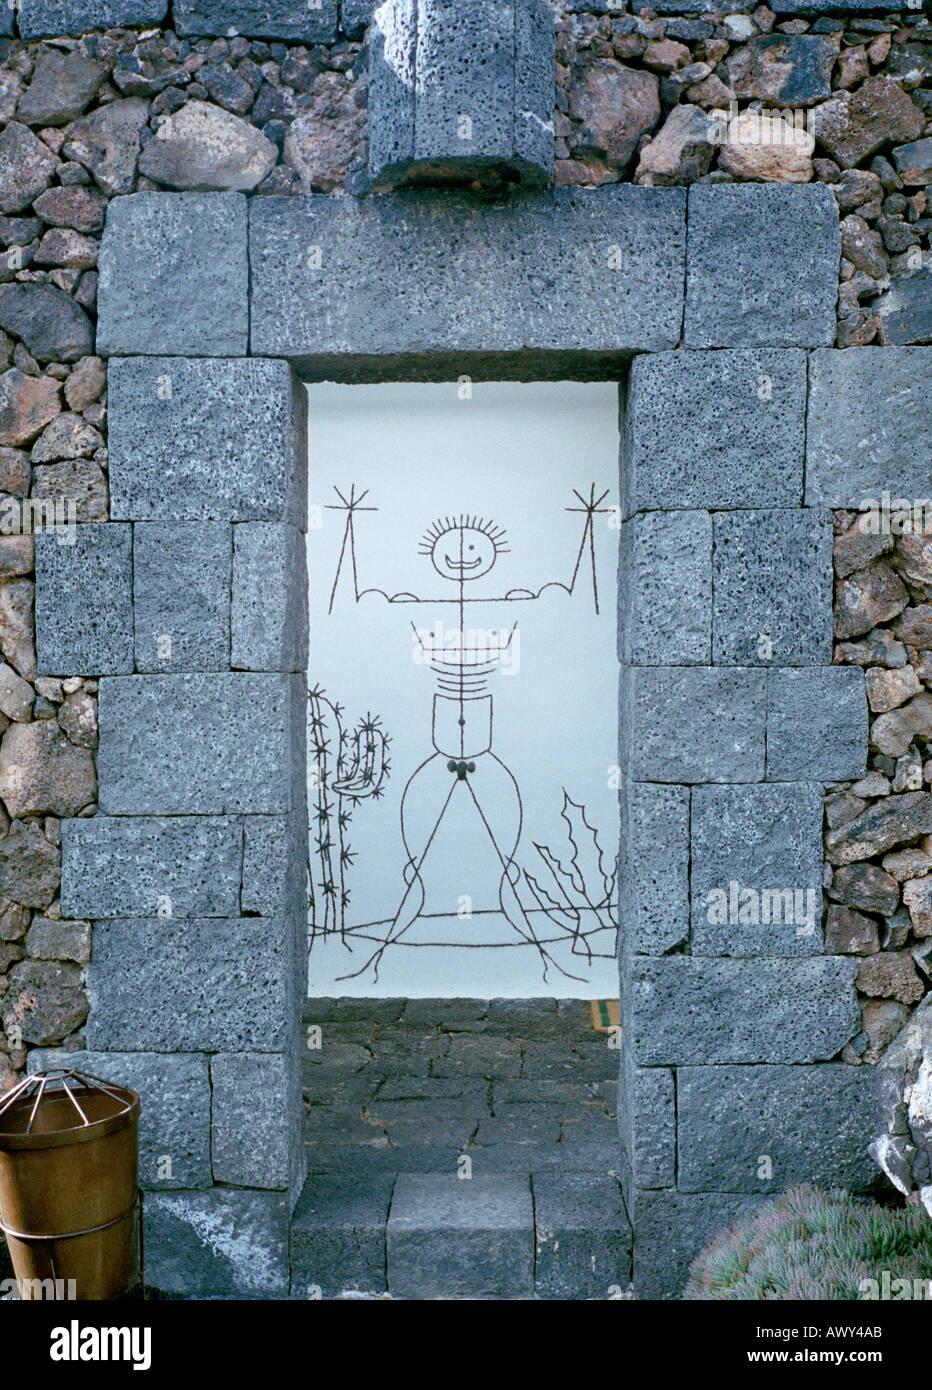 Der Mann-Cartoon von Cesar Manrique im Kaktusgarten auf Lanzarote Insel an die öffentlichen Toiletten Stockbild